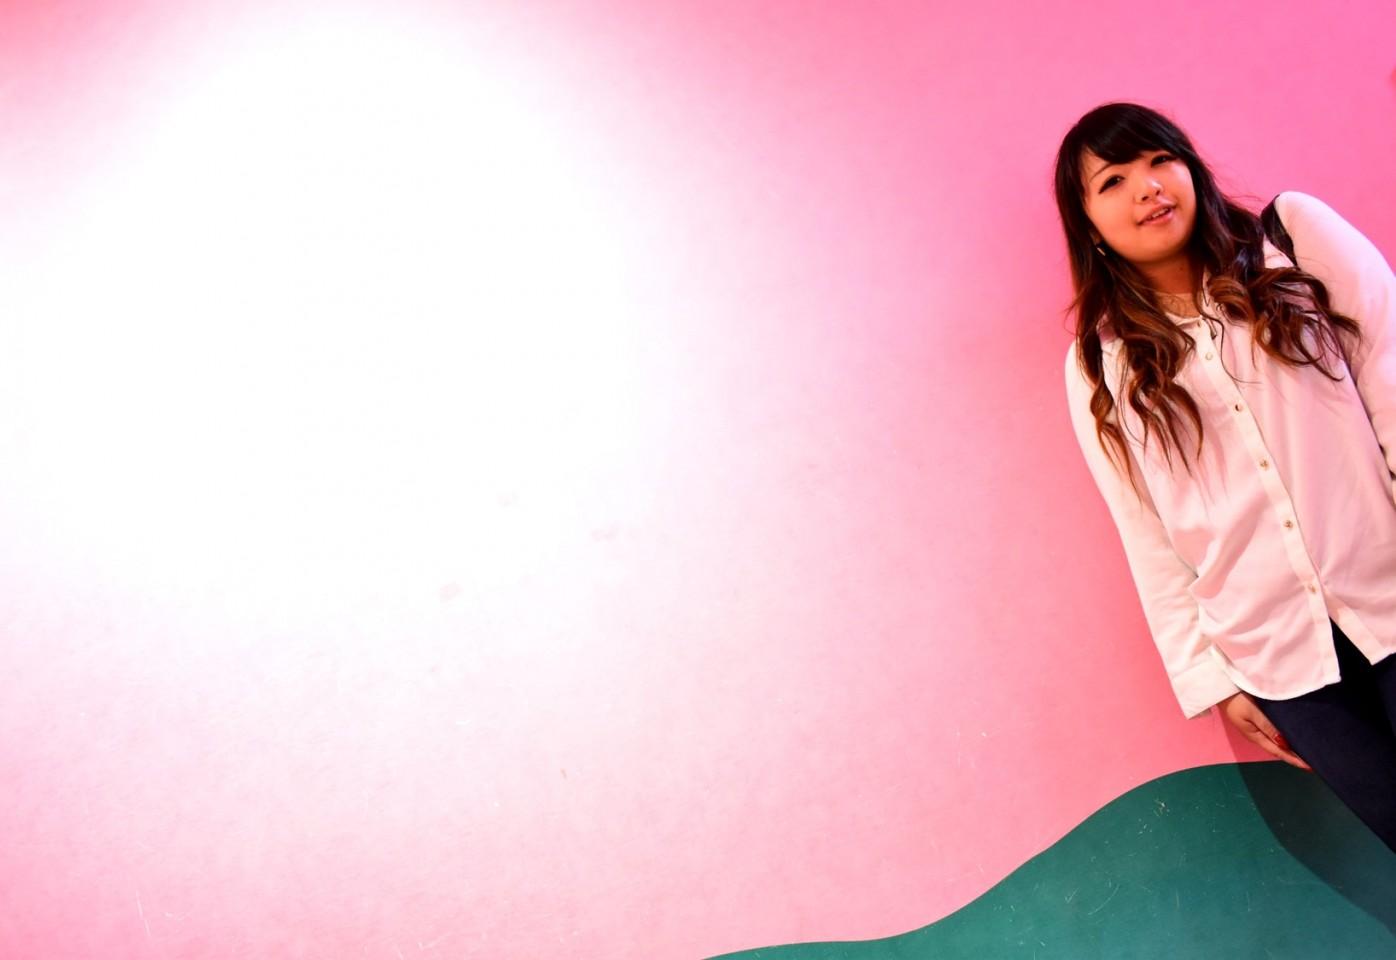 【閉鎖】かいけつゾロリのピンクの壁